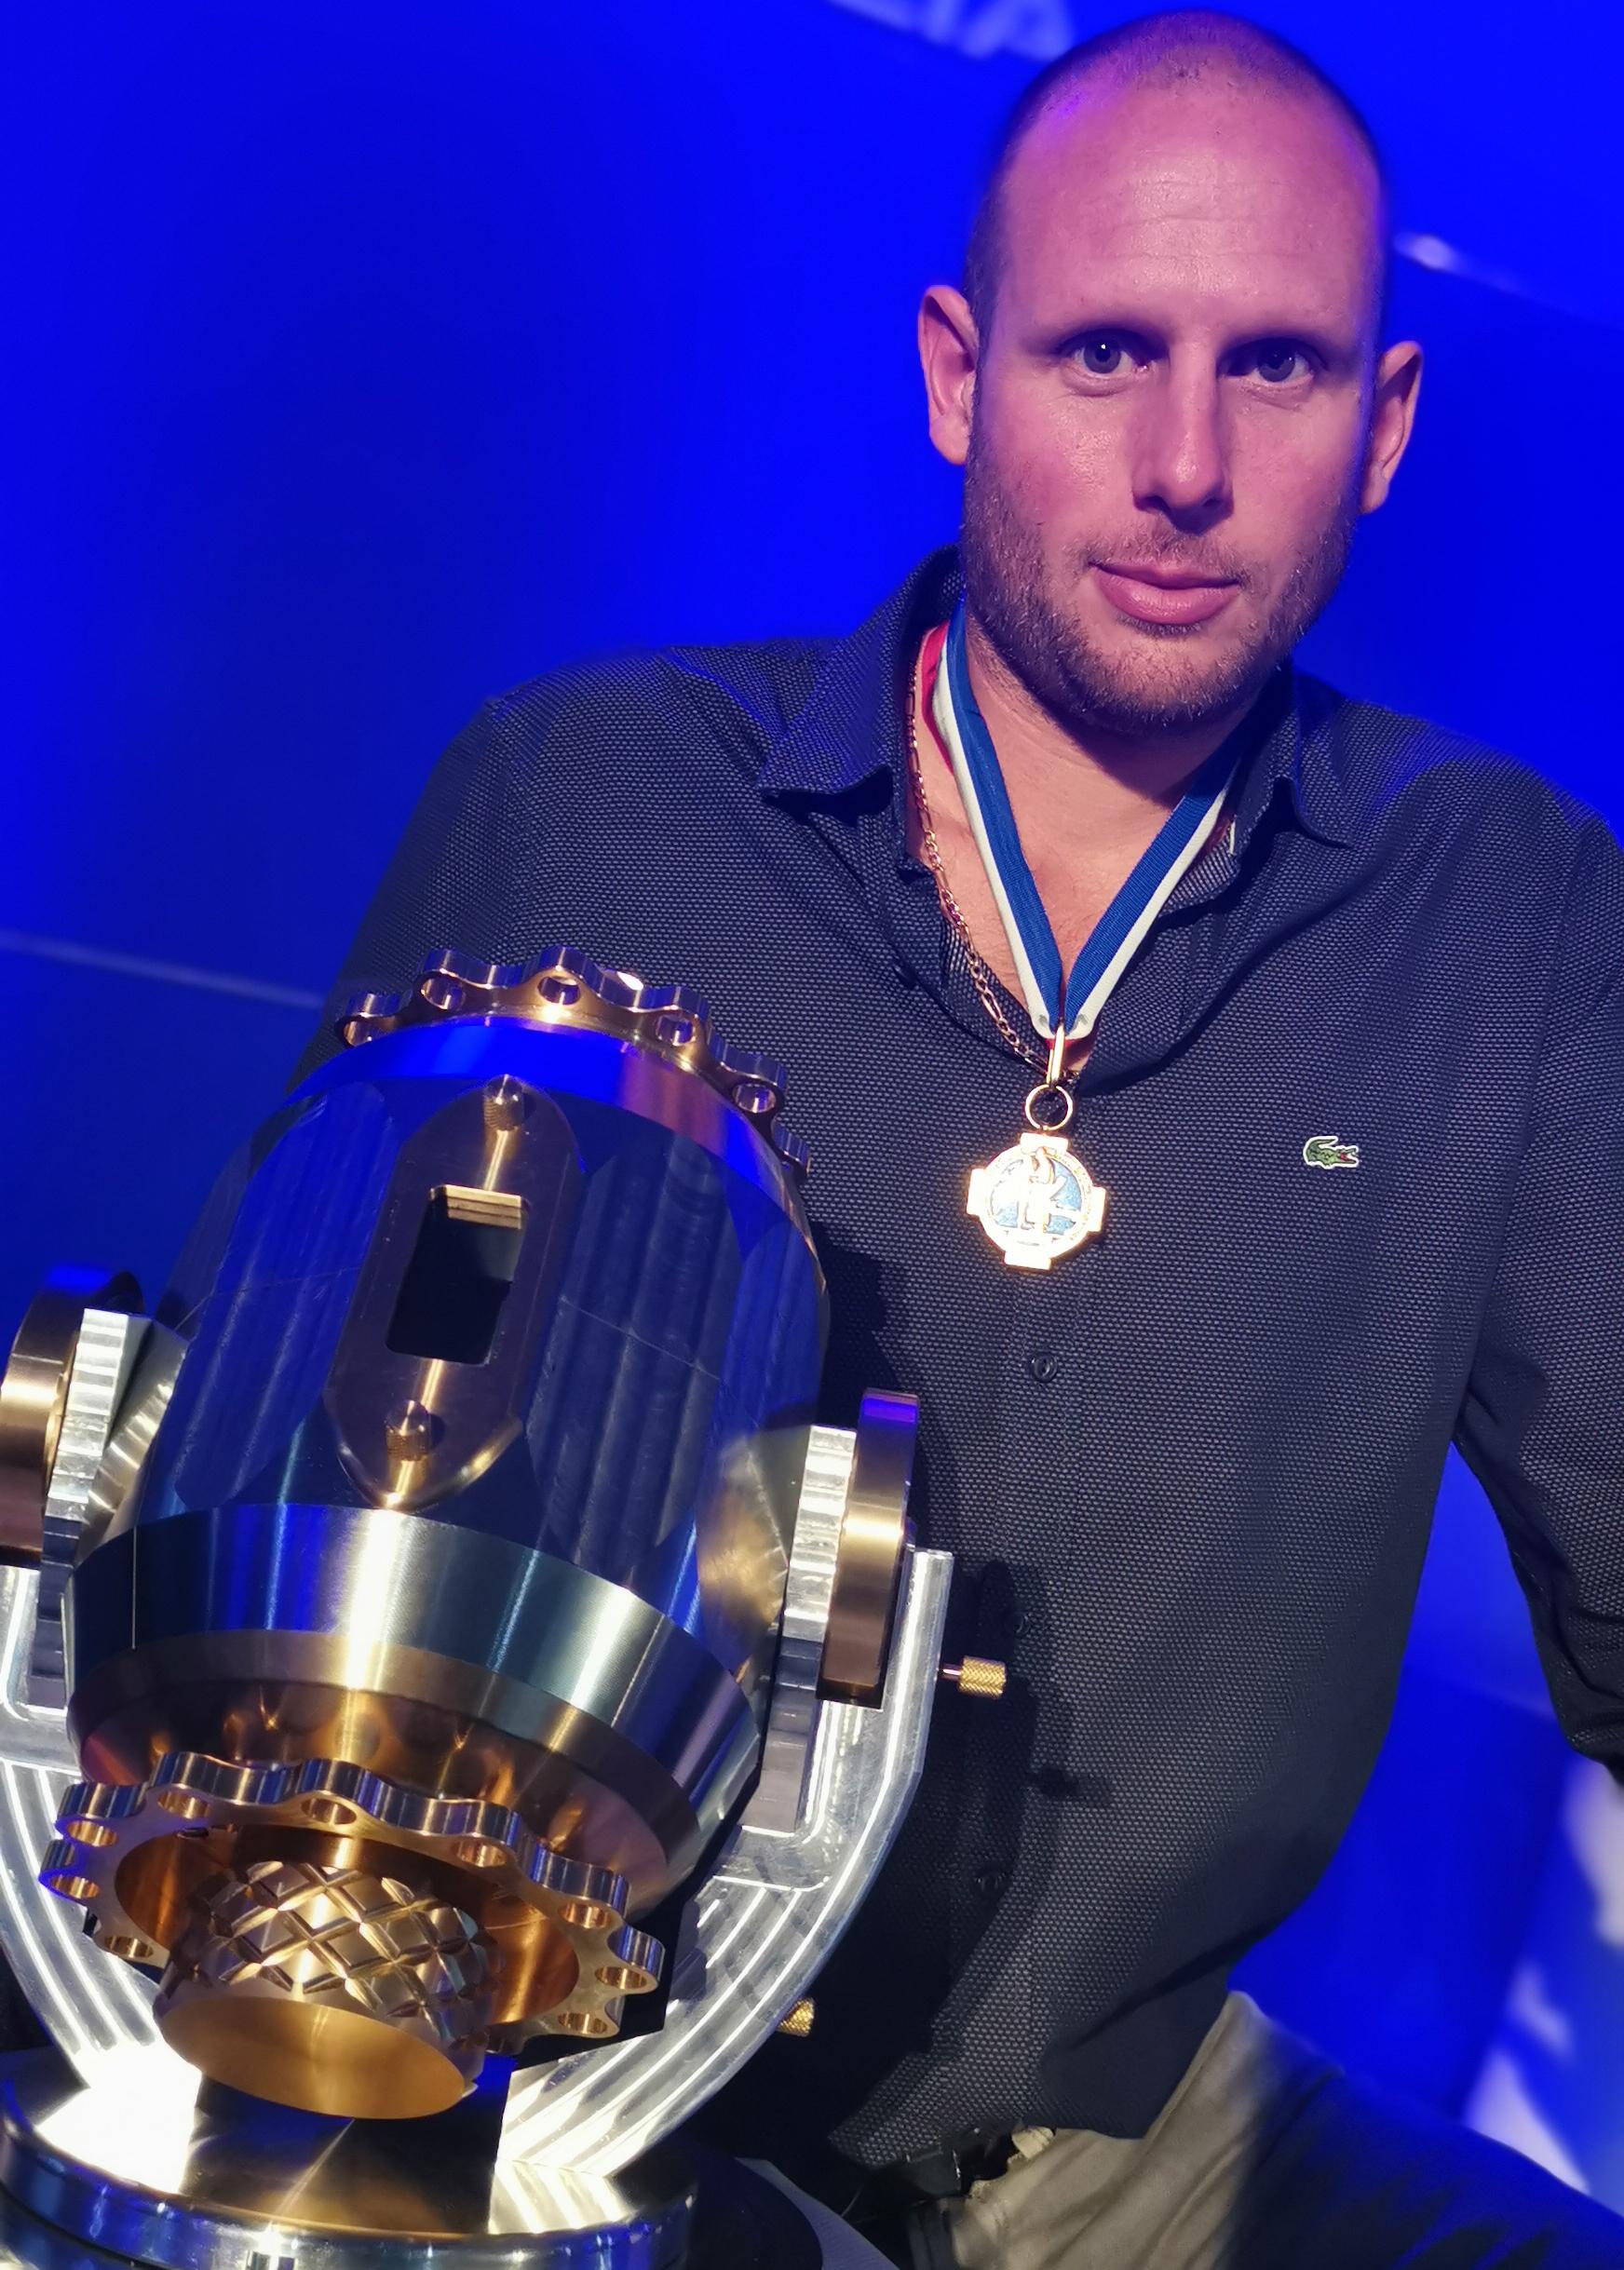 Romain JOSSO Meilleur Ouvrier de France 2019, dans la catégorie « Outillage Prototypage Mécanique ».